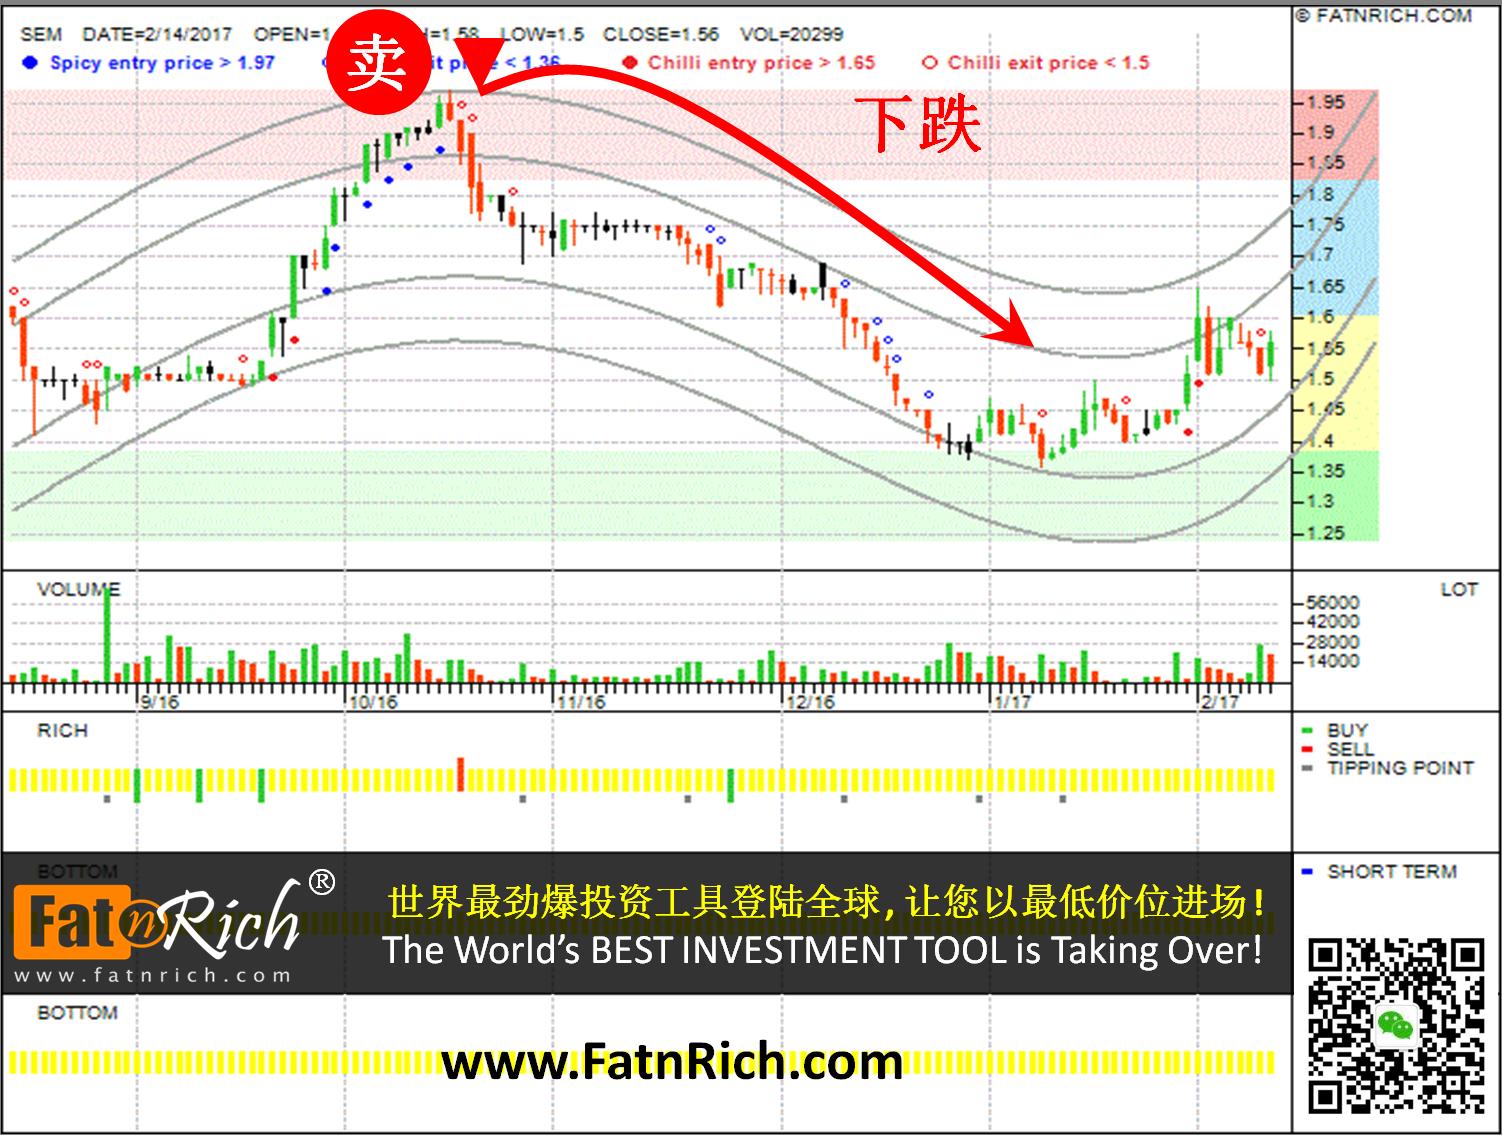 如何在股市里避免亏损 最新技术分析图表:大马股票 7-11控股公司 7-11 Malaysia Holdings Bhd SEM 5250